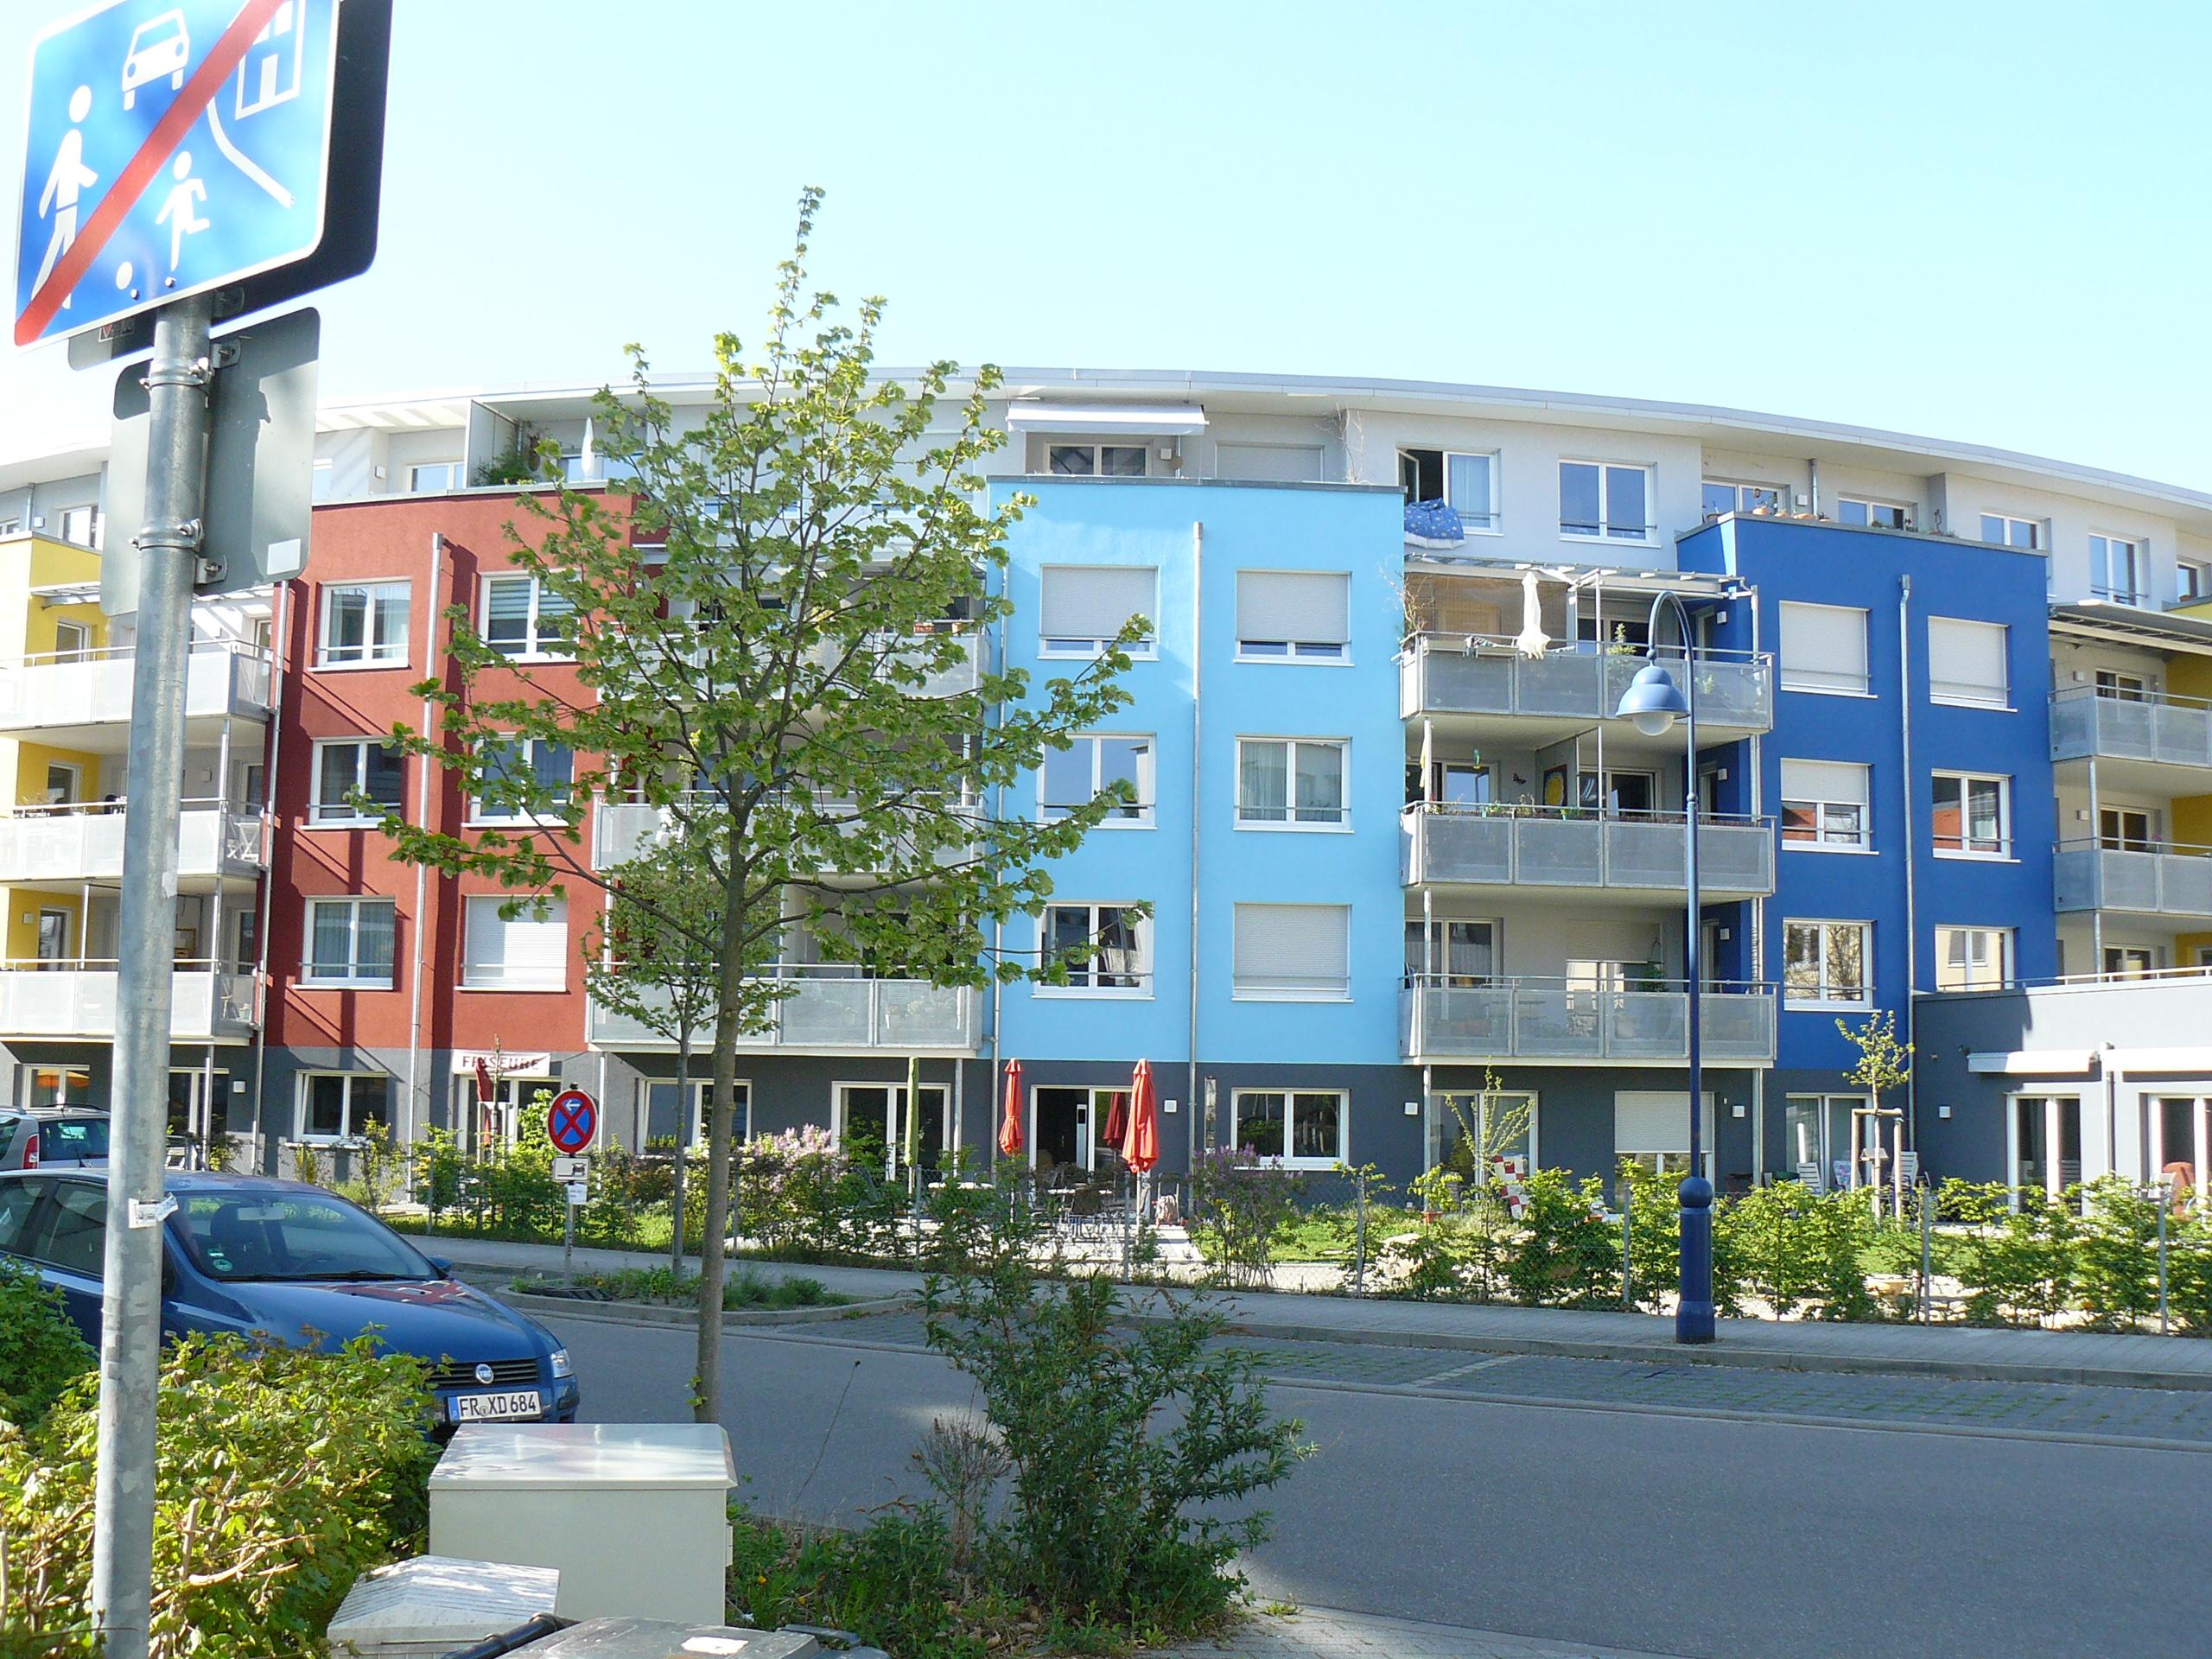 Quartier Vauban, Fribourg, Allgne